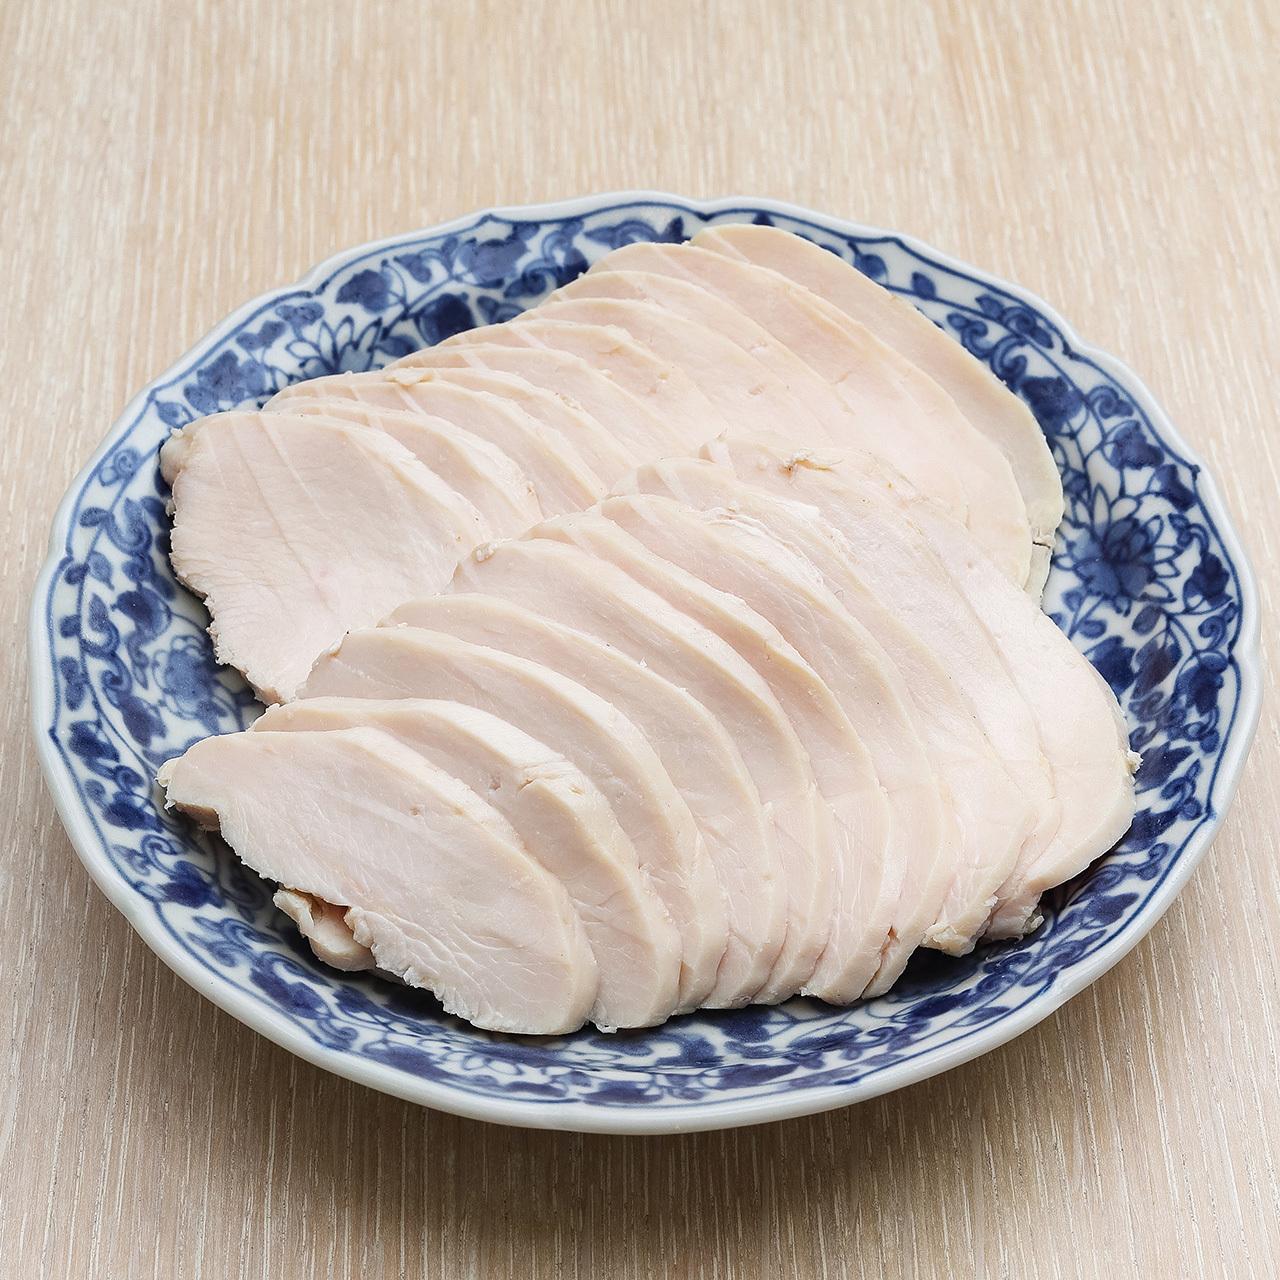 【訳あり】特製鶏チャーシュー 3個